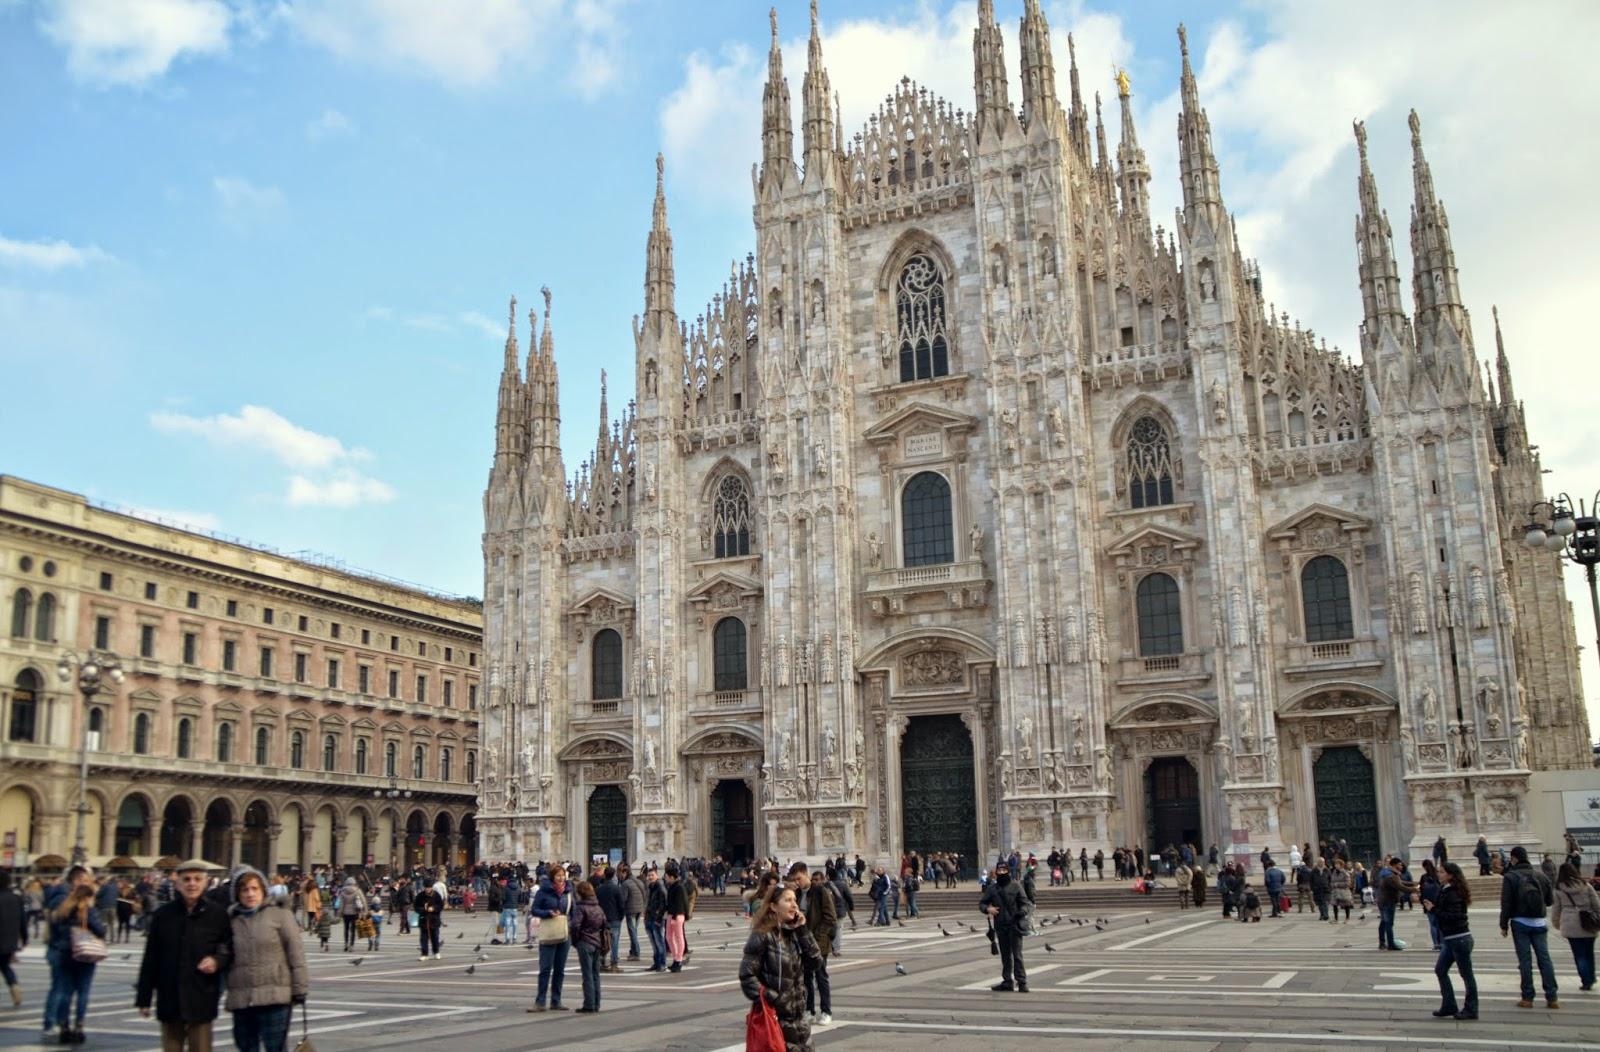 milan-italy-piazza-del-duomo